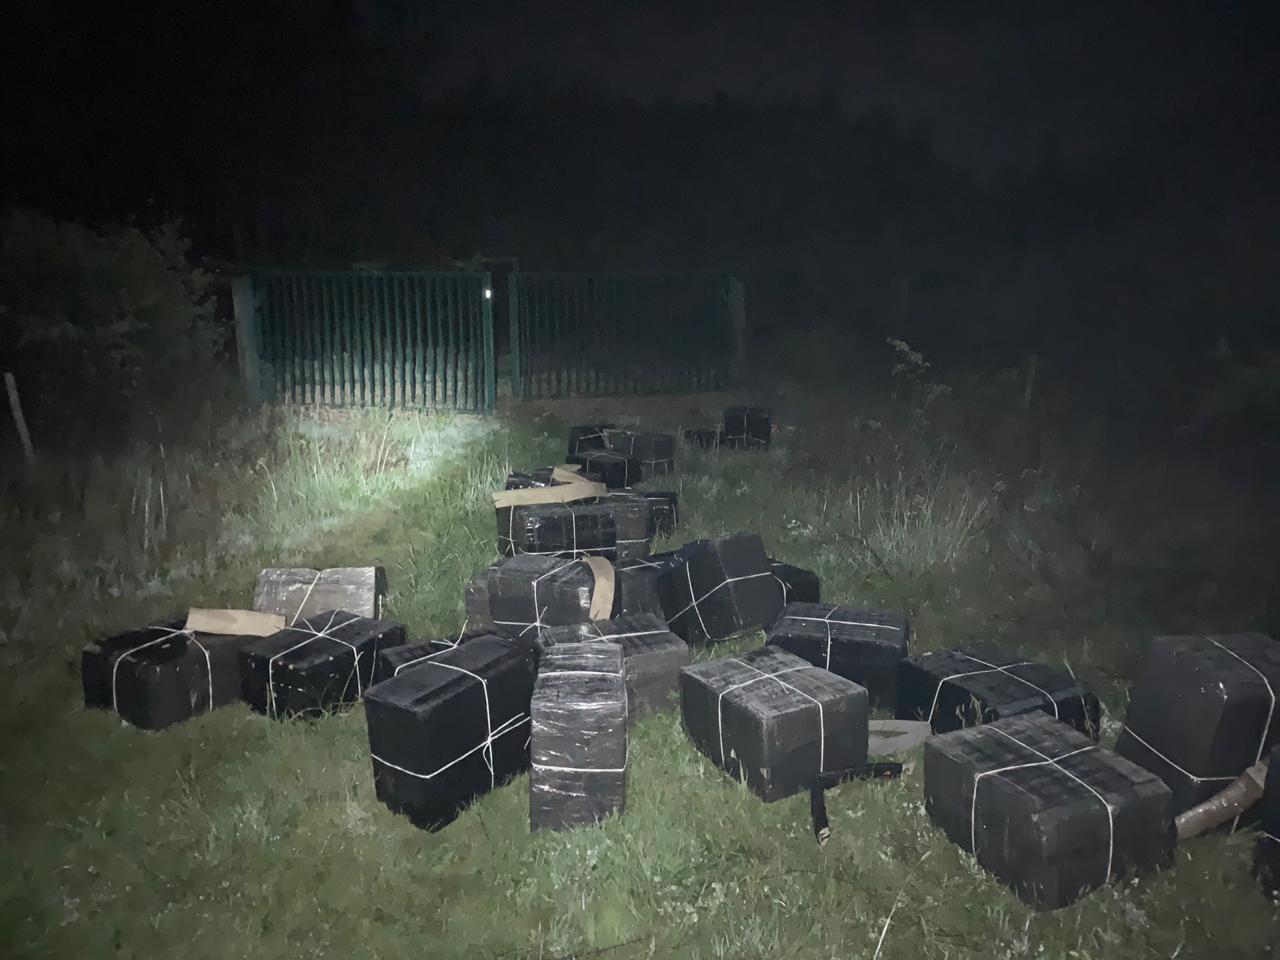 Закарпатські прикордонники затримали контрабандиста і виявили 50 ящиків з цигарками